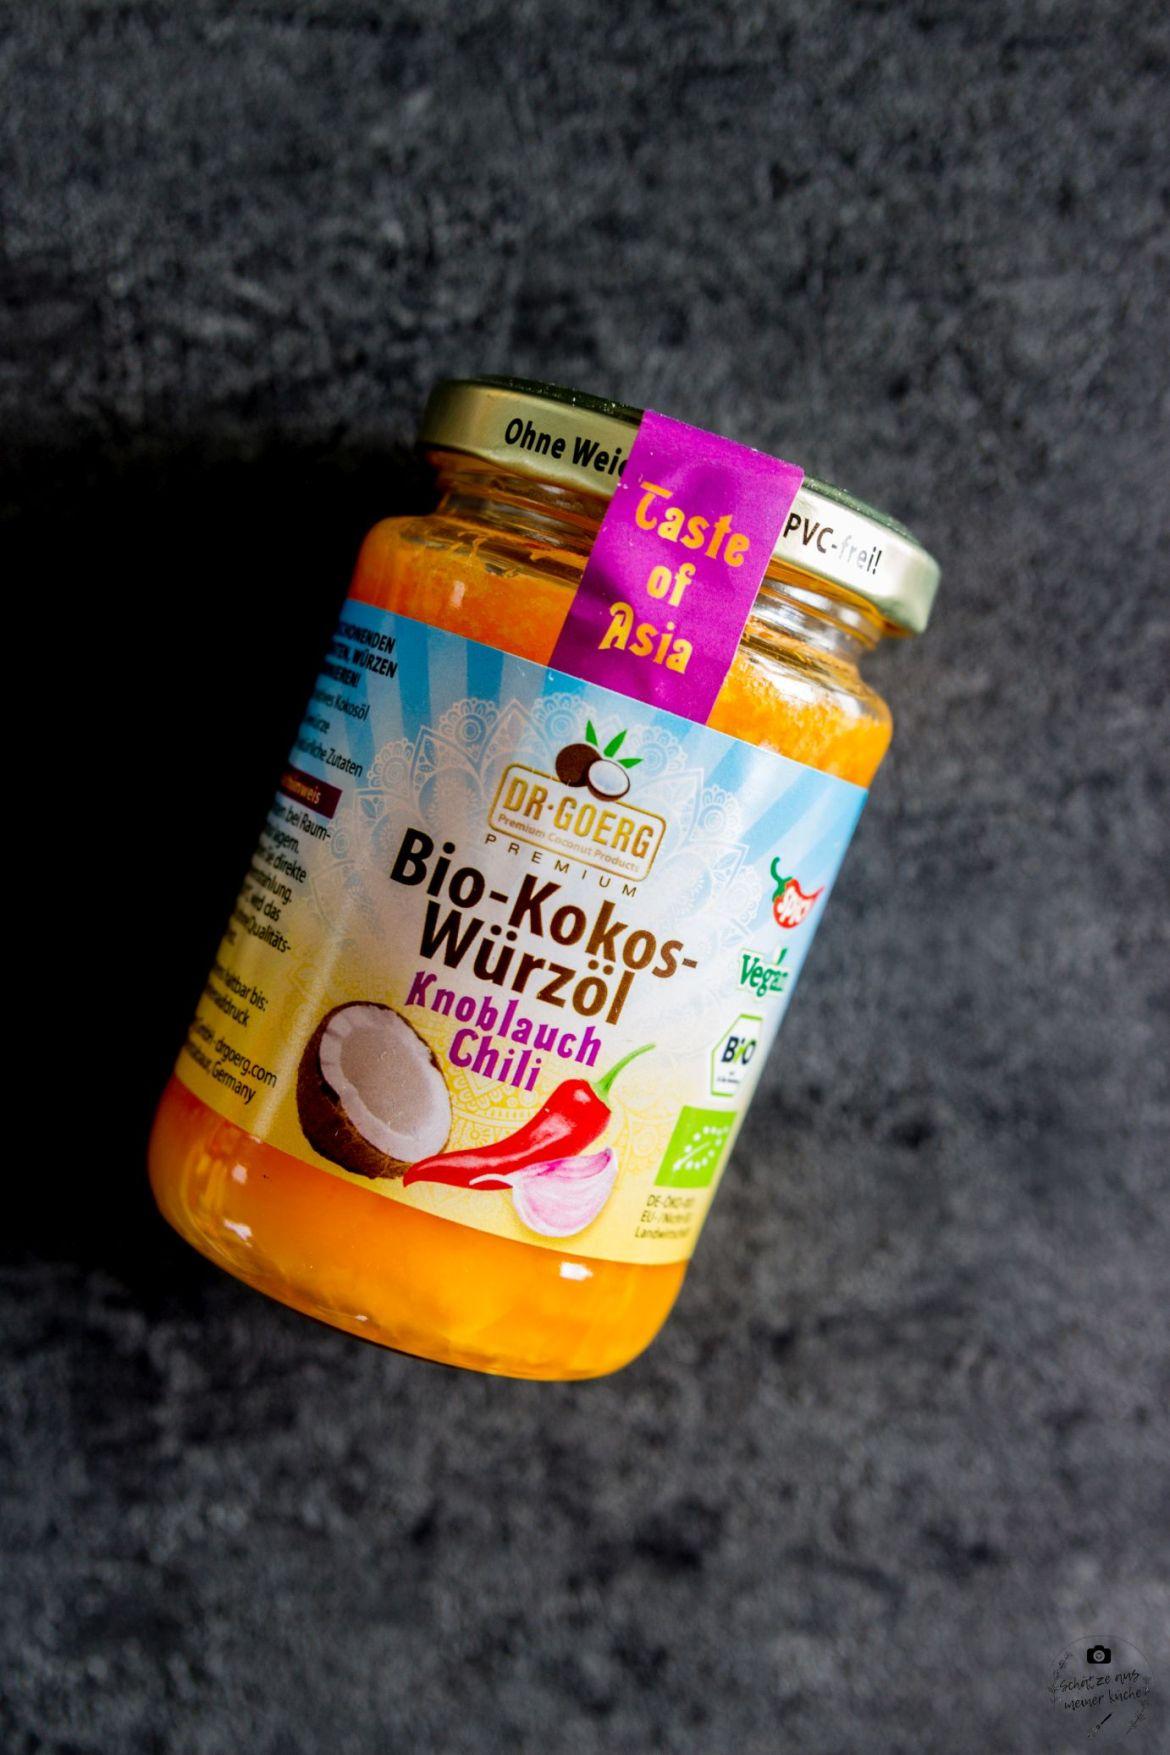 Premium-Bio-Kokos-Würzöl Knoblauch-Chili Schätze aus meiner Küche Dr. Goerg gegrillte Halloumi-Spieße mit Gemüse und Kokosöl-marinade